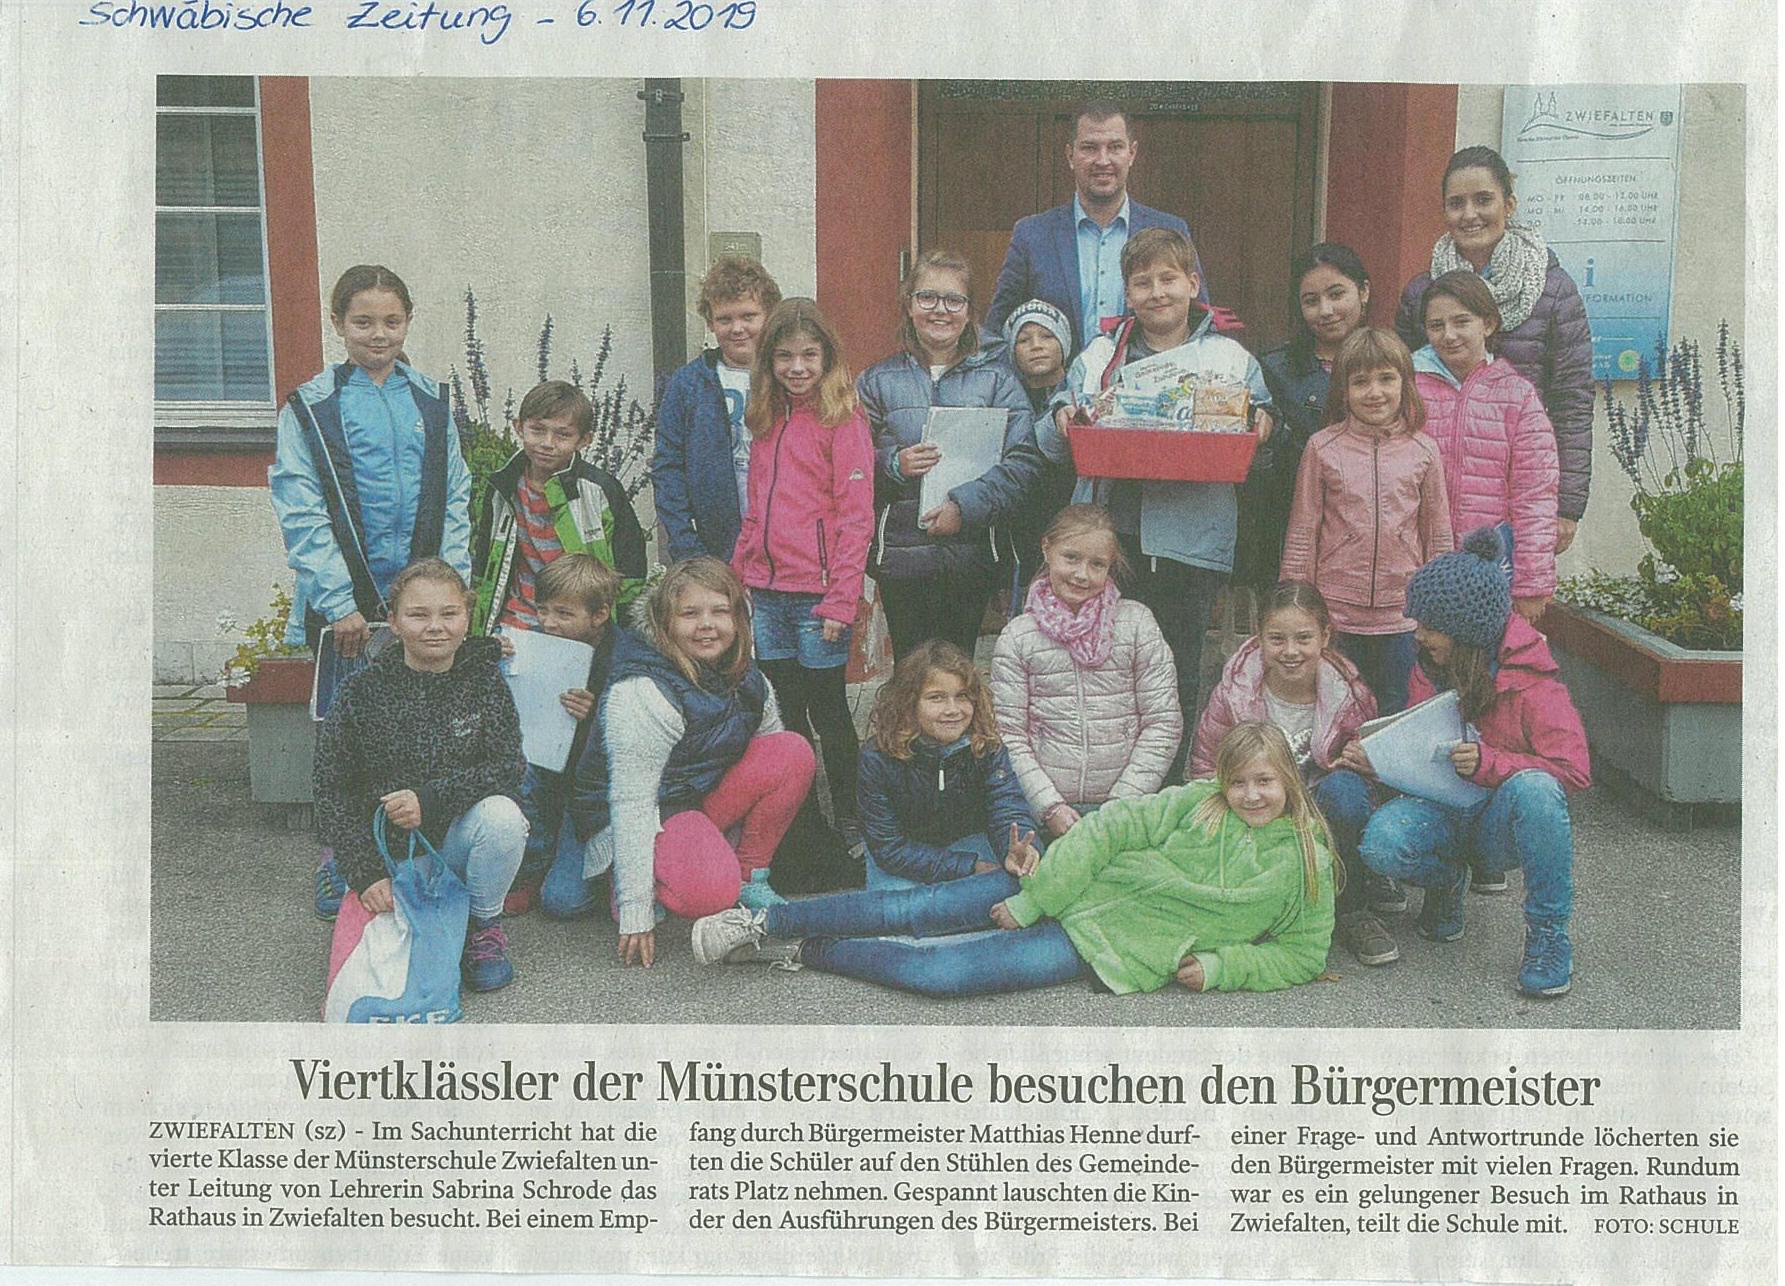 19_SchwaebischeZeitung_06.11.2019_GSimRa